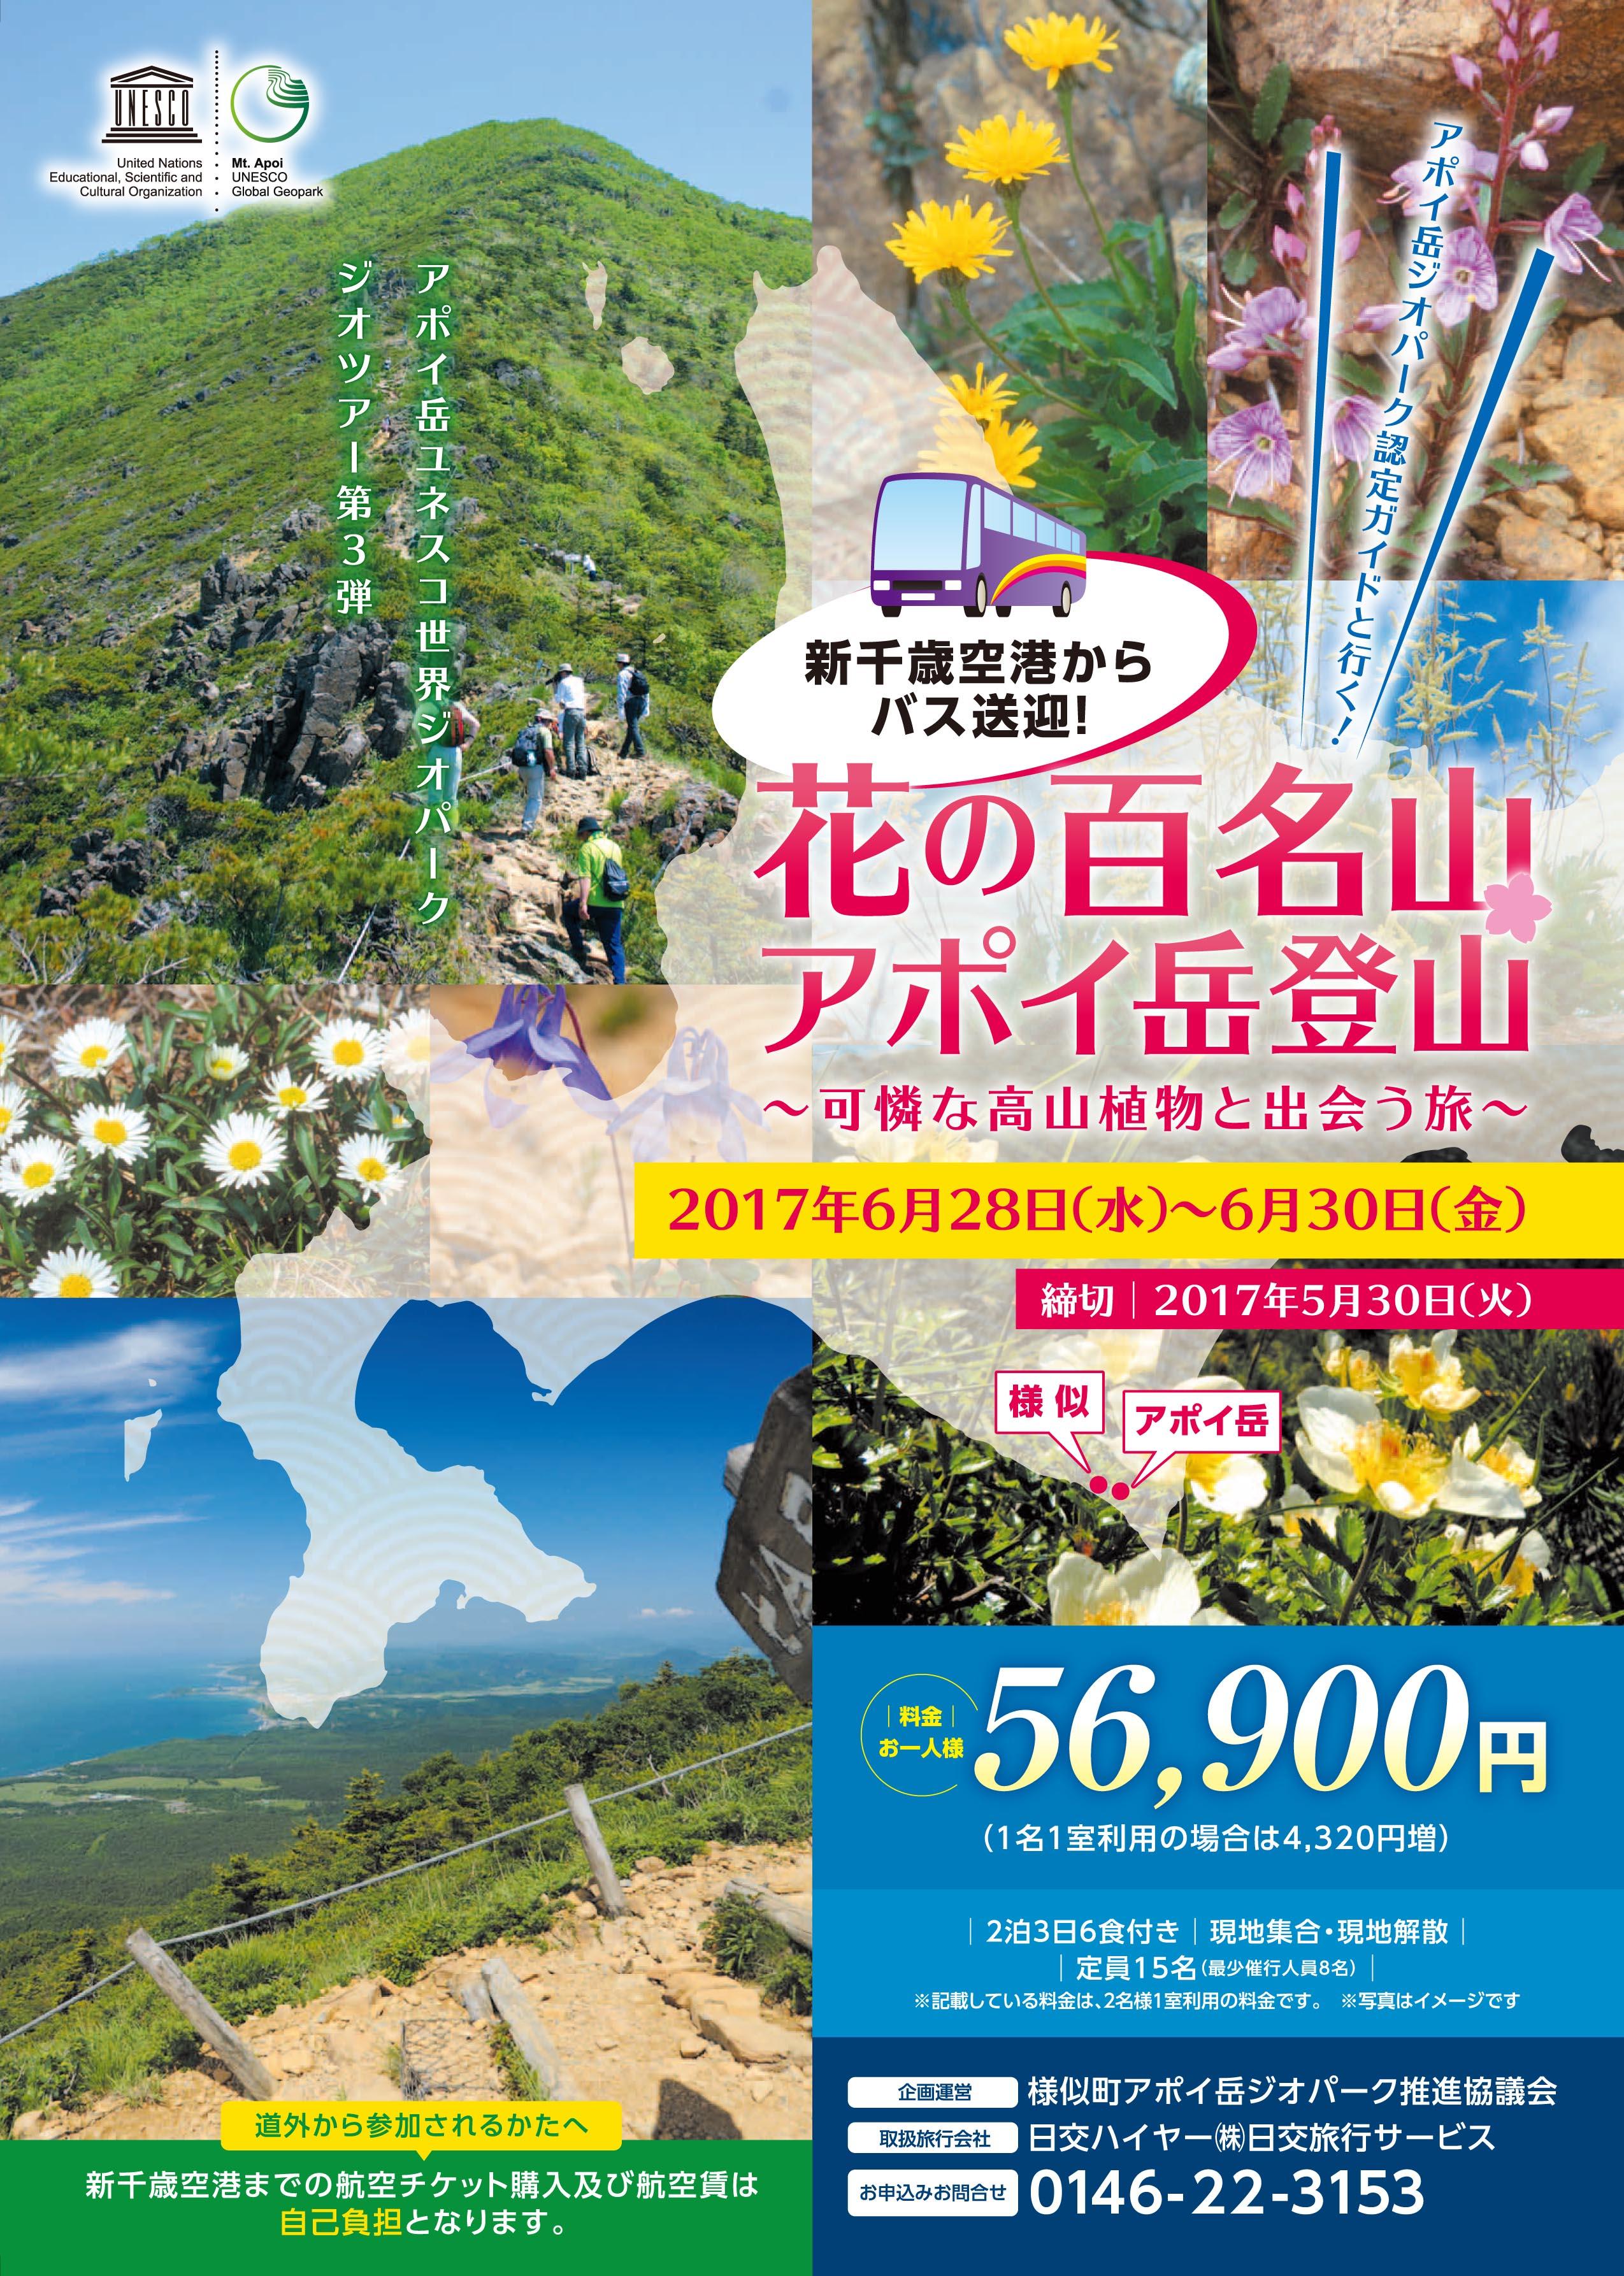 http://www.apoi-geopark.jp/event/apoi_a4_dogai.jpg